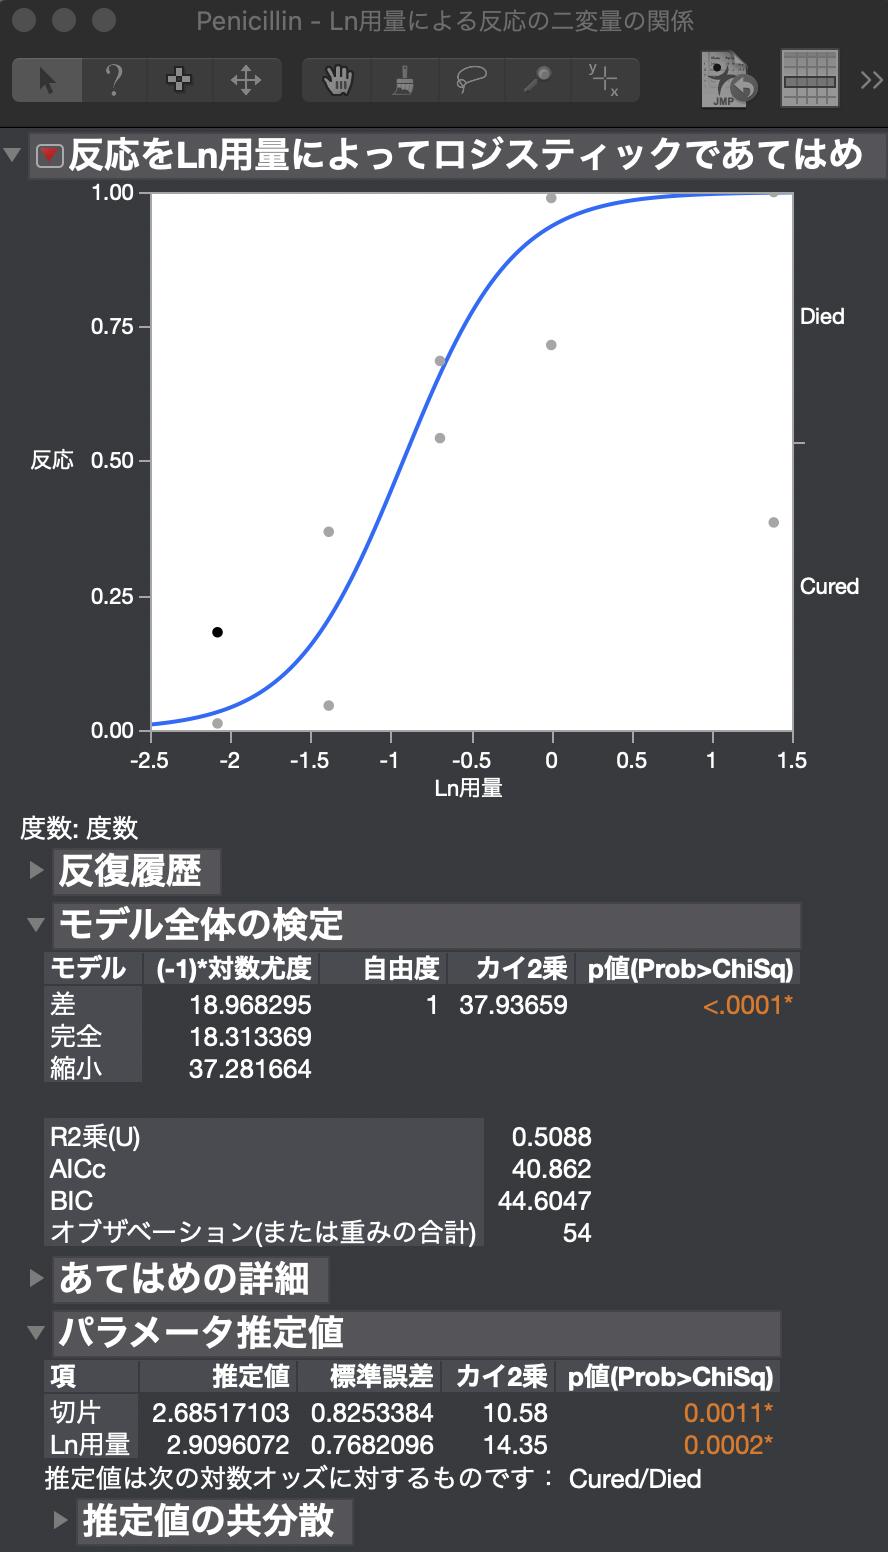 JMPでROC曲線を描く